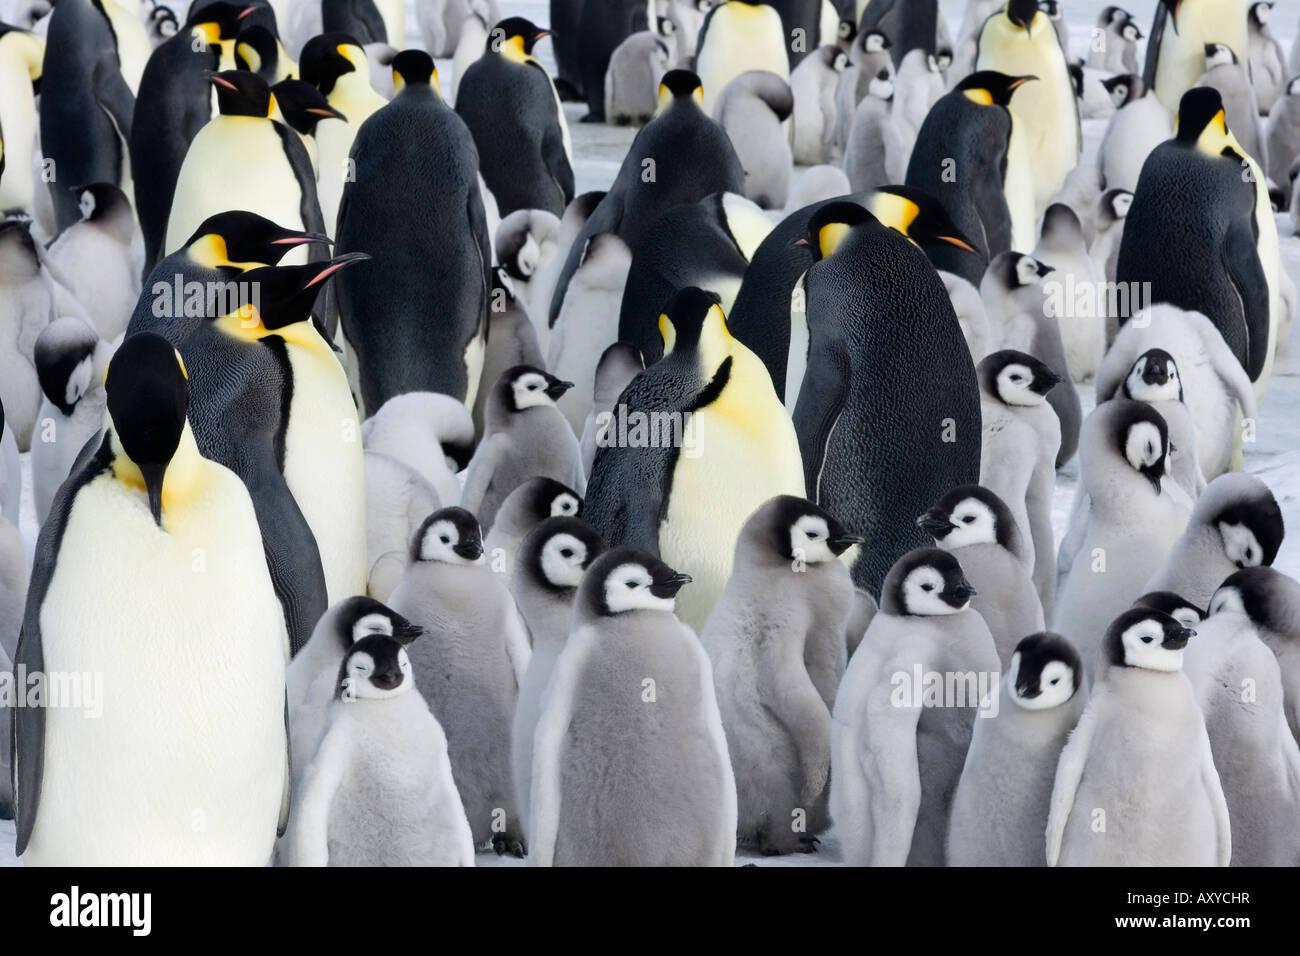 Pinguino imperatore (Aptenodytes forsteri), pulcini in colonia, Snow Hill Island, Mare di Weddell, Antartide, regioni Immagini Stock